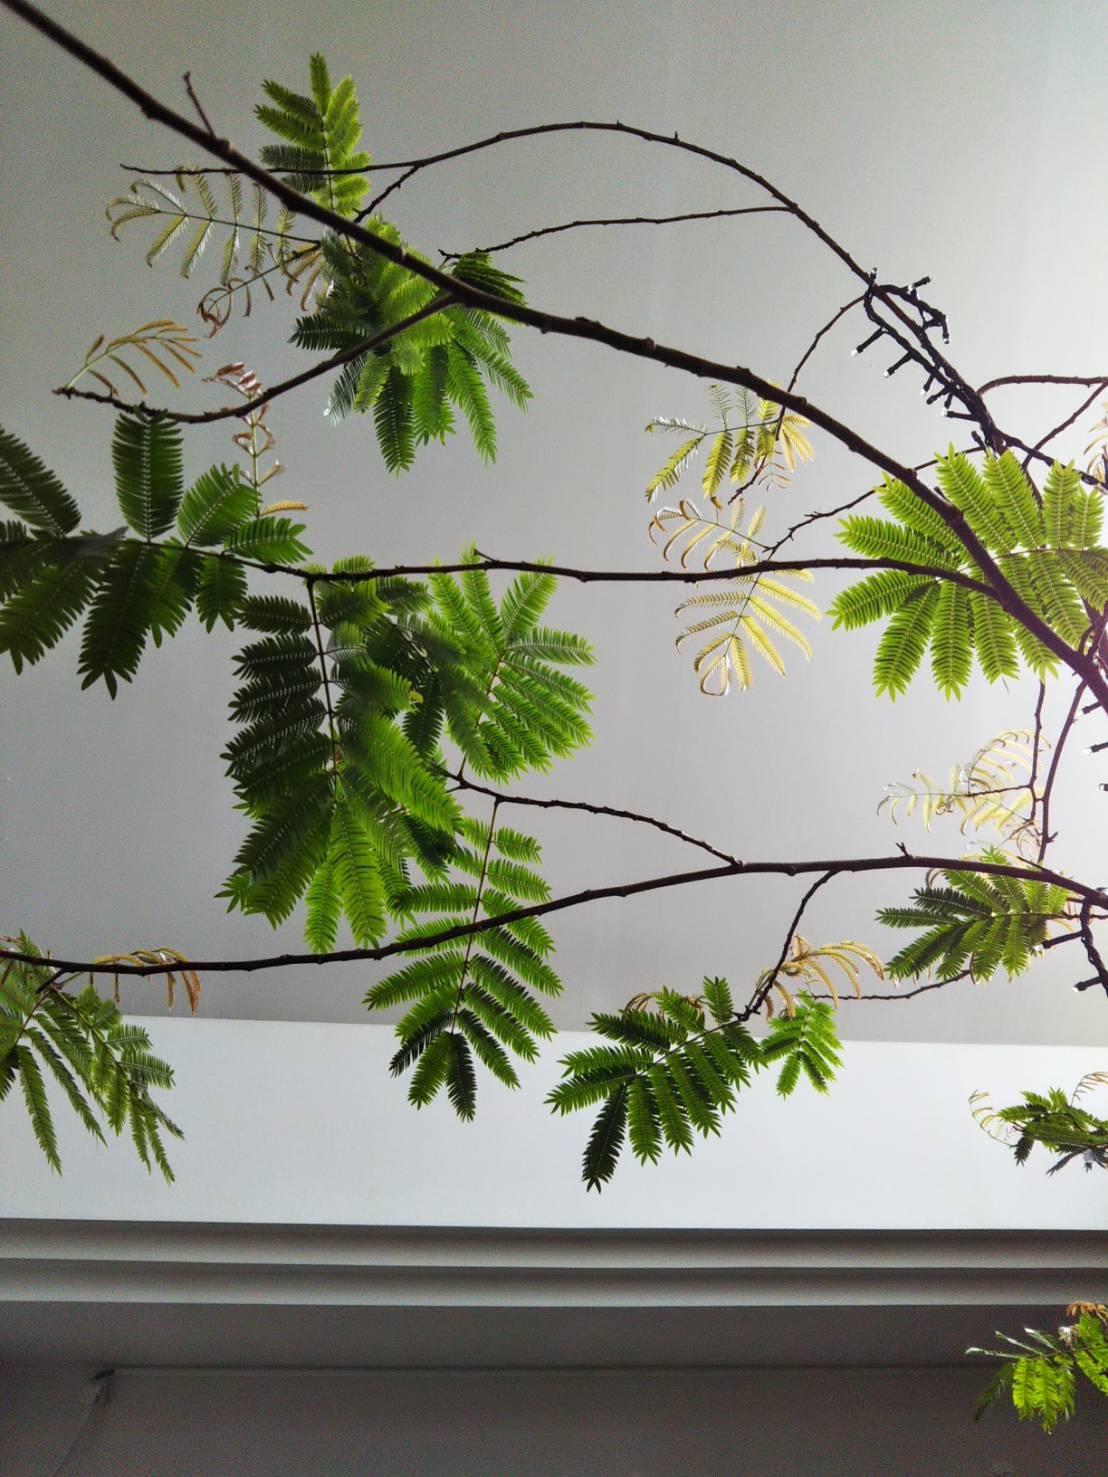 ねむの木 ソーシャルディスタンス kamonamyuオープン日_f0185981_10515445.jpg